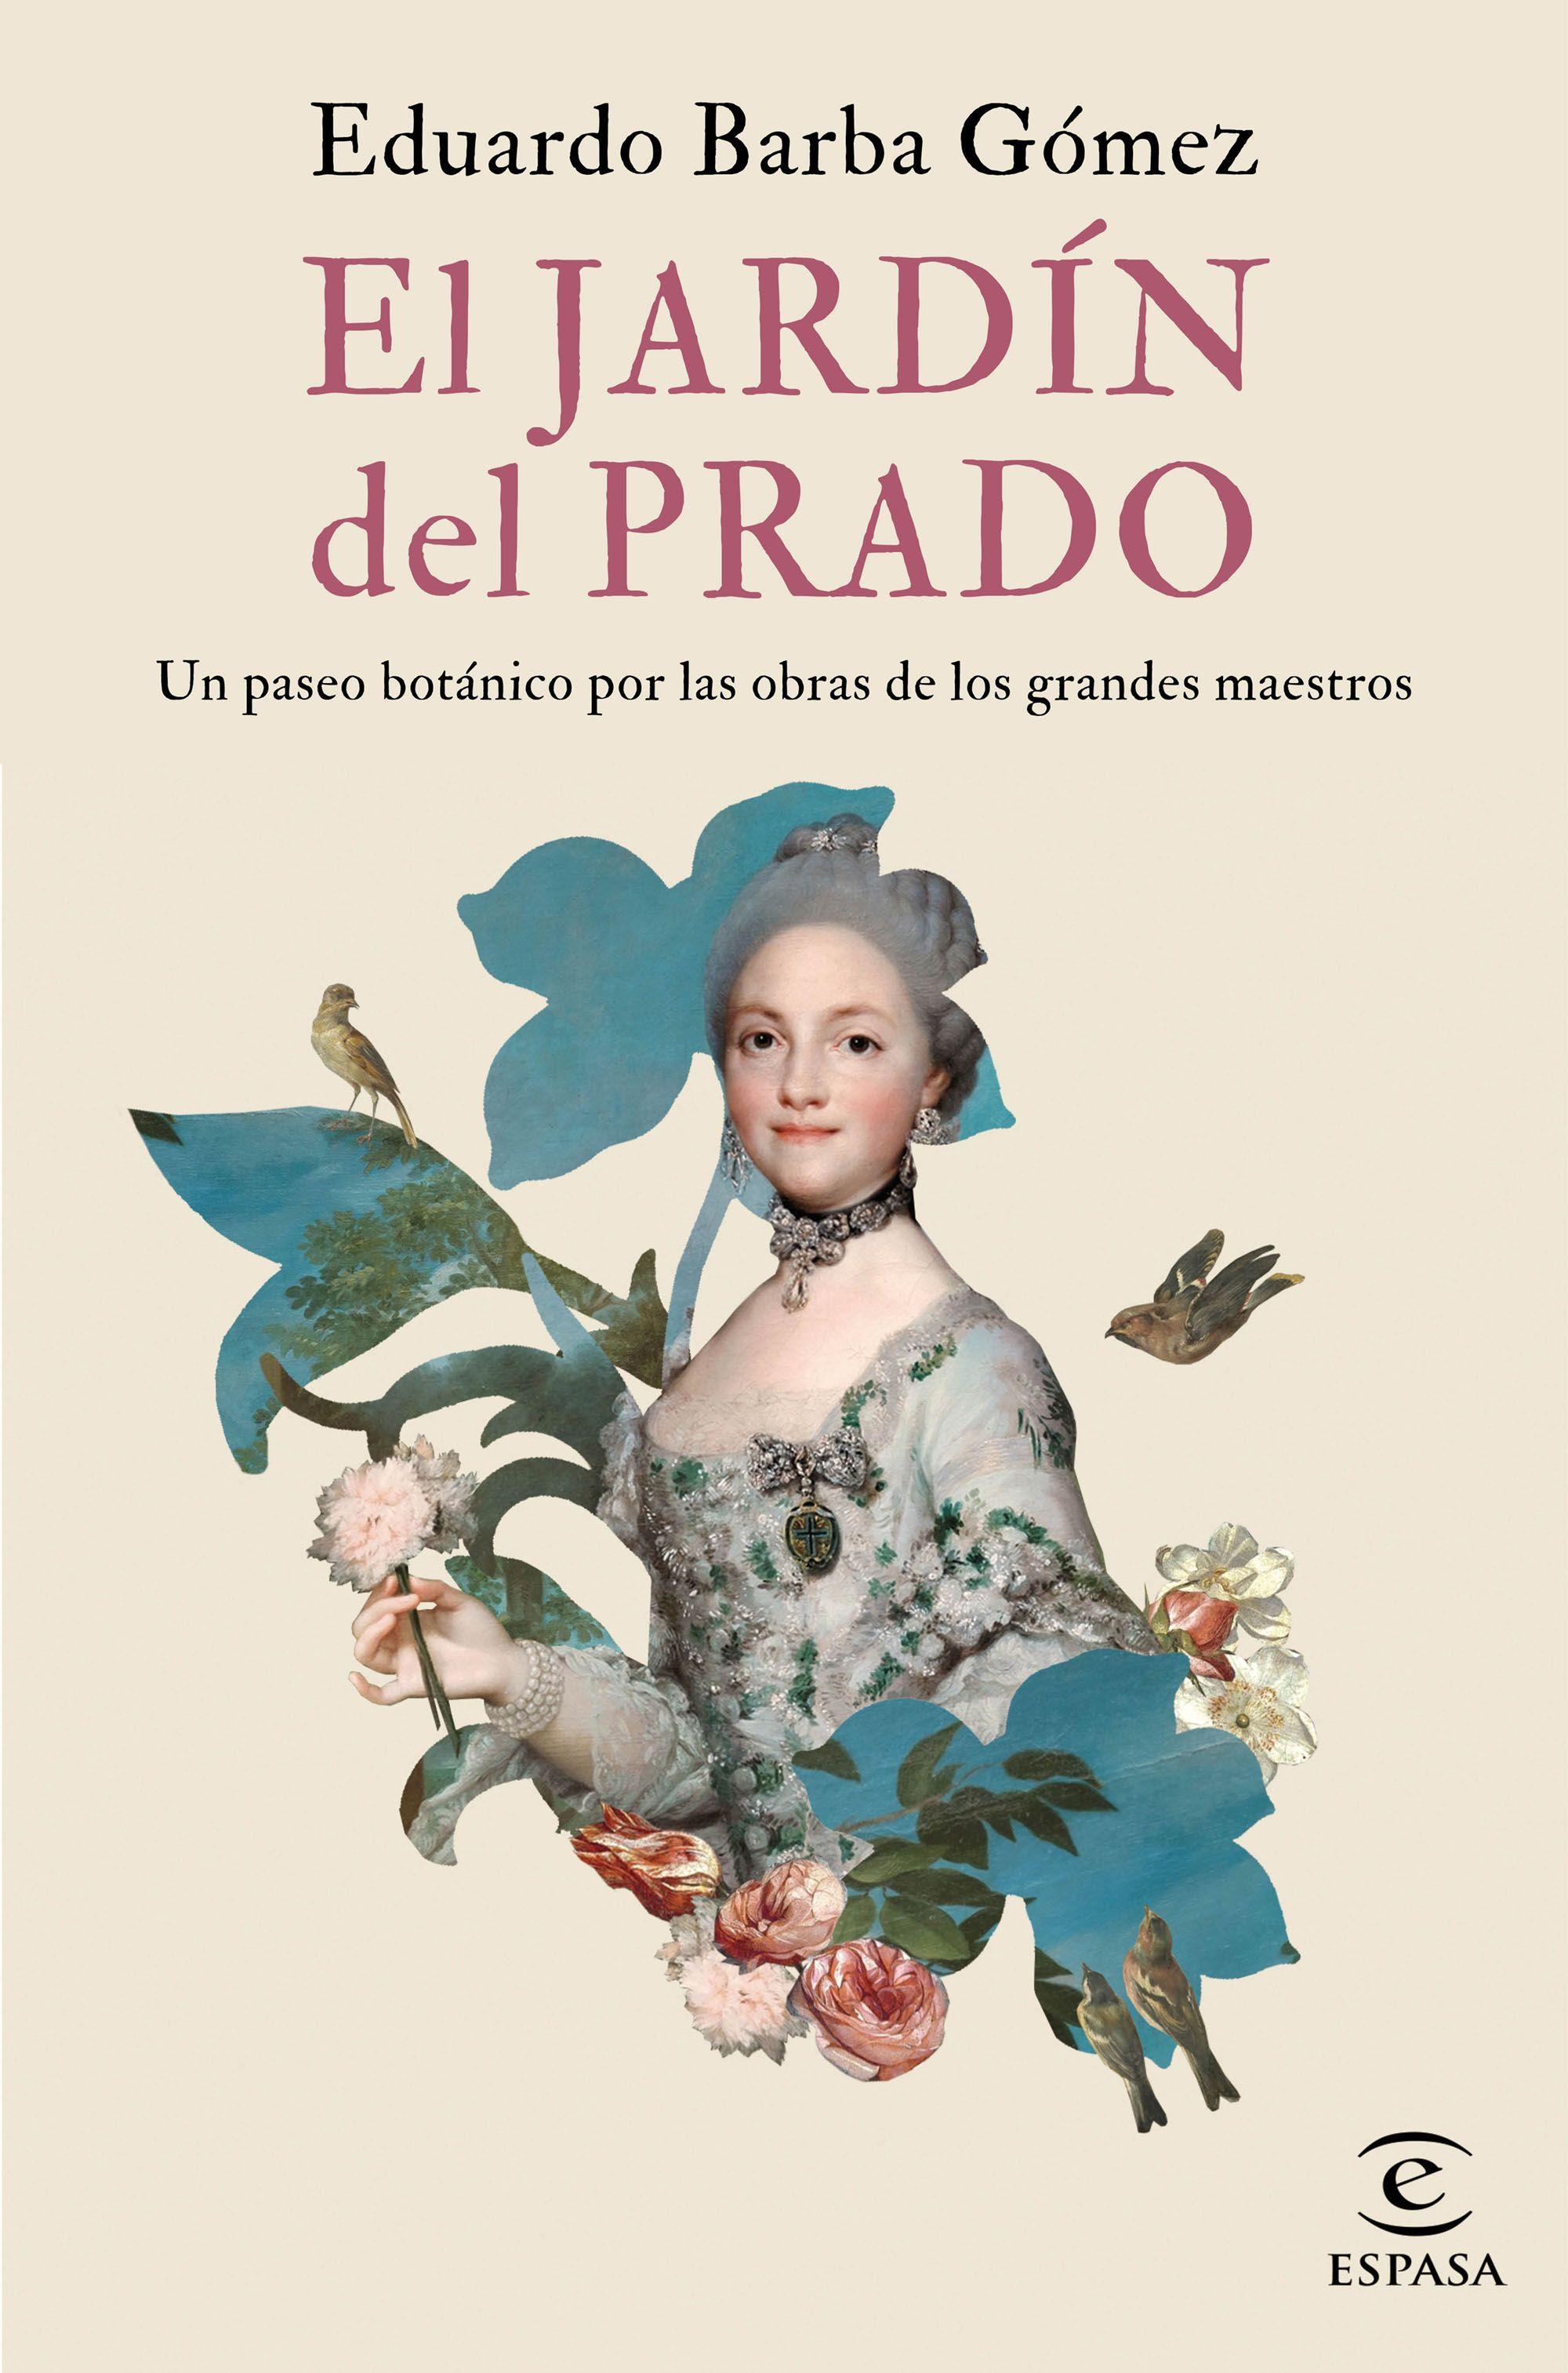 El jardín del Prado, de Eduardo Barba Gómez